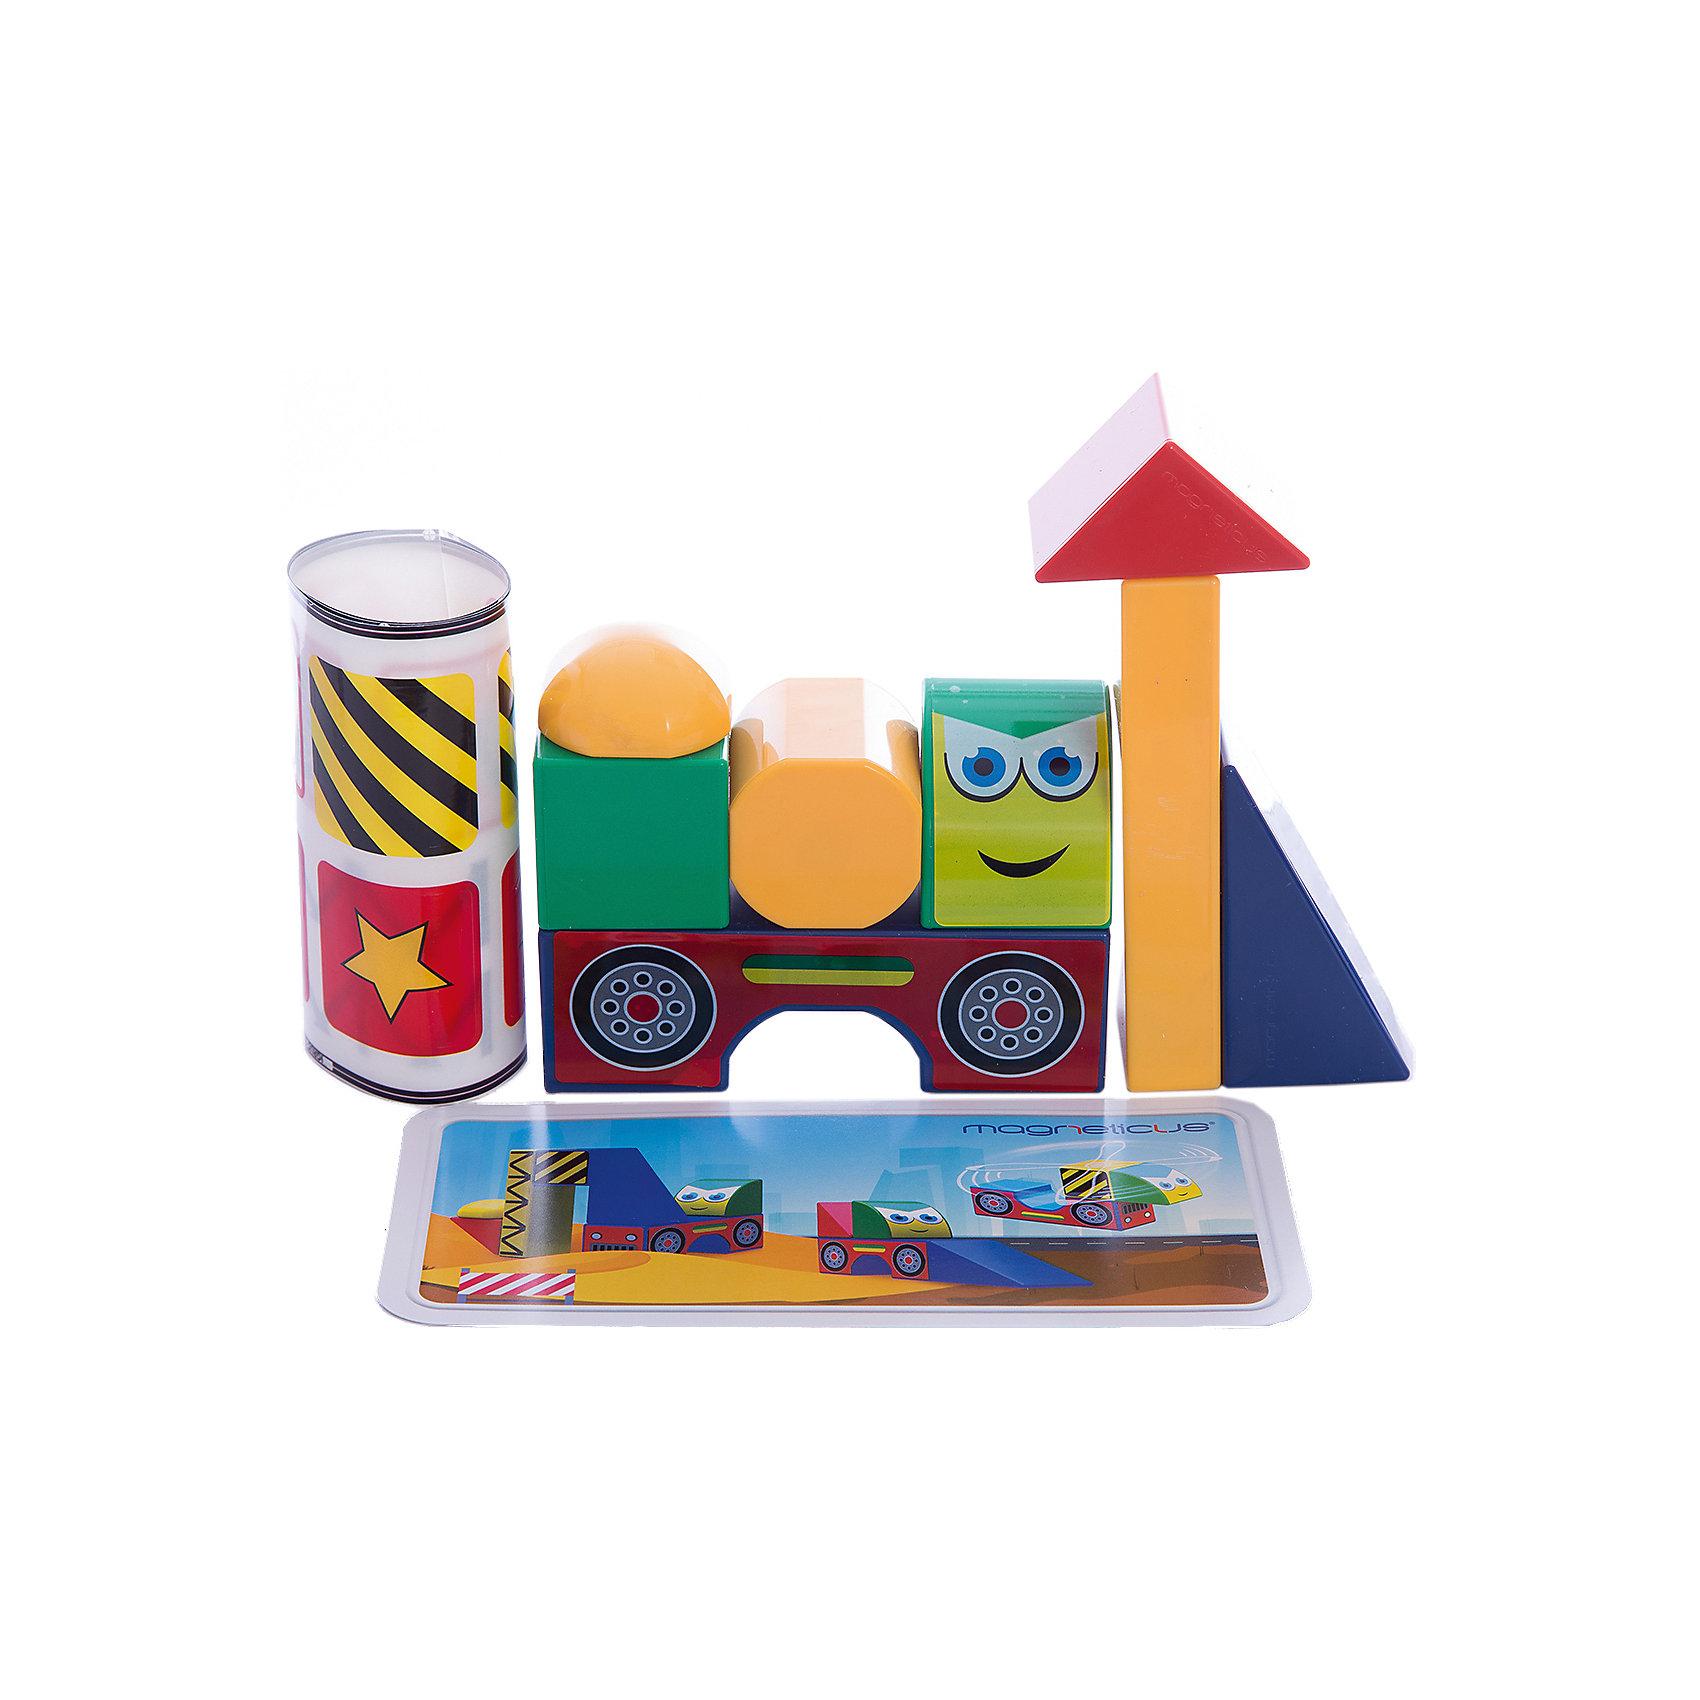 Магнитные кубики СтройкаКубики<br>Характеристики:<br><br>• количество кубиков в наборе Magneticus: 8 шт.;<br>• магниты встроены в грани кубиков;<br>• материал: металл, полимерное покрытие, наклейки;<br>• размер упаковки: 23х24х5 см;<br>• вес: 360 г.<br><br>Магнитные кубики помогают развить моторику рук, цветовосприятие и фантазию. Кубики представлены в 4-х цветах. Из 8 кубиков можно построить объемные модели: вертолет, экскаватор, бетономешалку, бульдозер. В грани кубиков встроены магниты, поэтому собранные фигуры не рассыпаются во время игры. <br><br>Магнитные кубики Стройка можно купить в нашем магазине.<br><br>Ширина мм: 235<br>Глубина мм: 50<br>Высота мм: 240<br>Вес г: 350<br>Возраст от месяцев: 36<br>Возраст до месяцев: 84<br>Пол: Унисекс<br>Возраст: Детский<br>SKU: 5238558